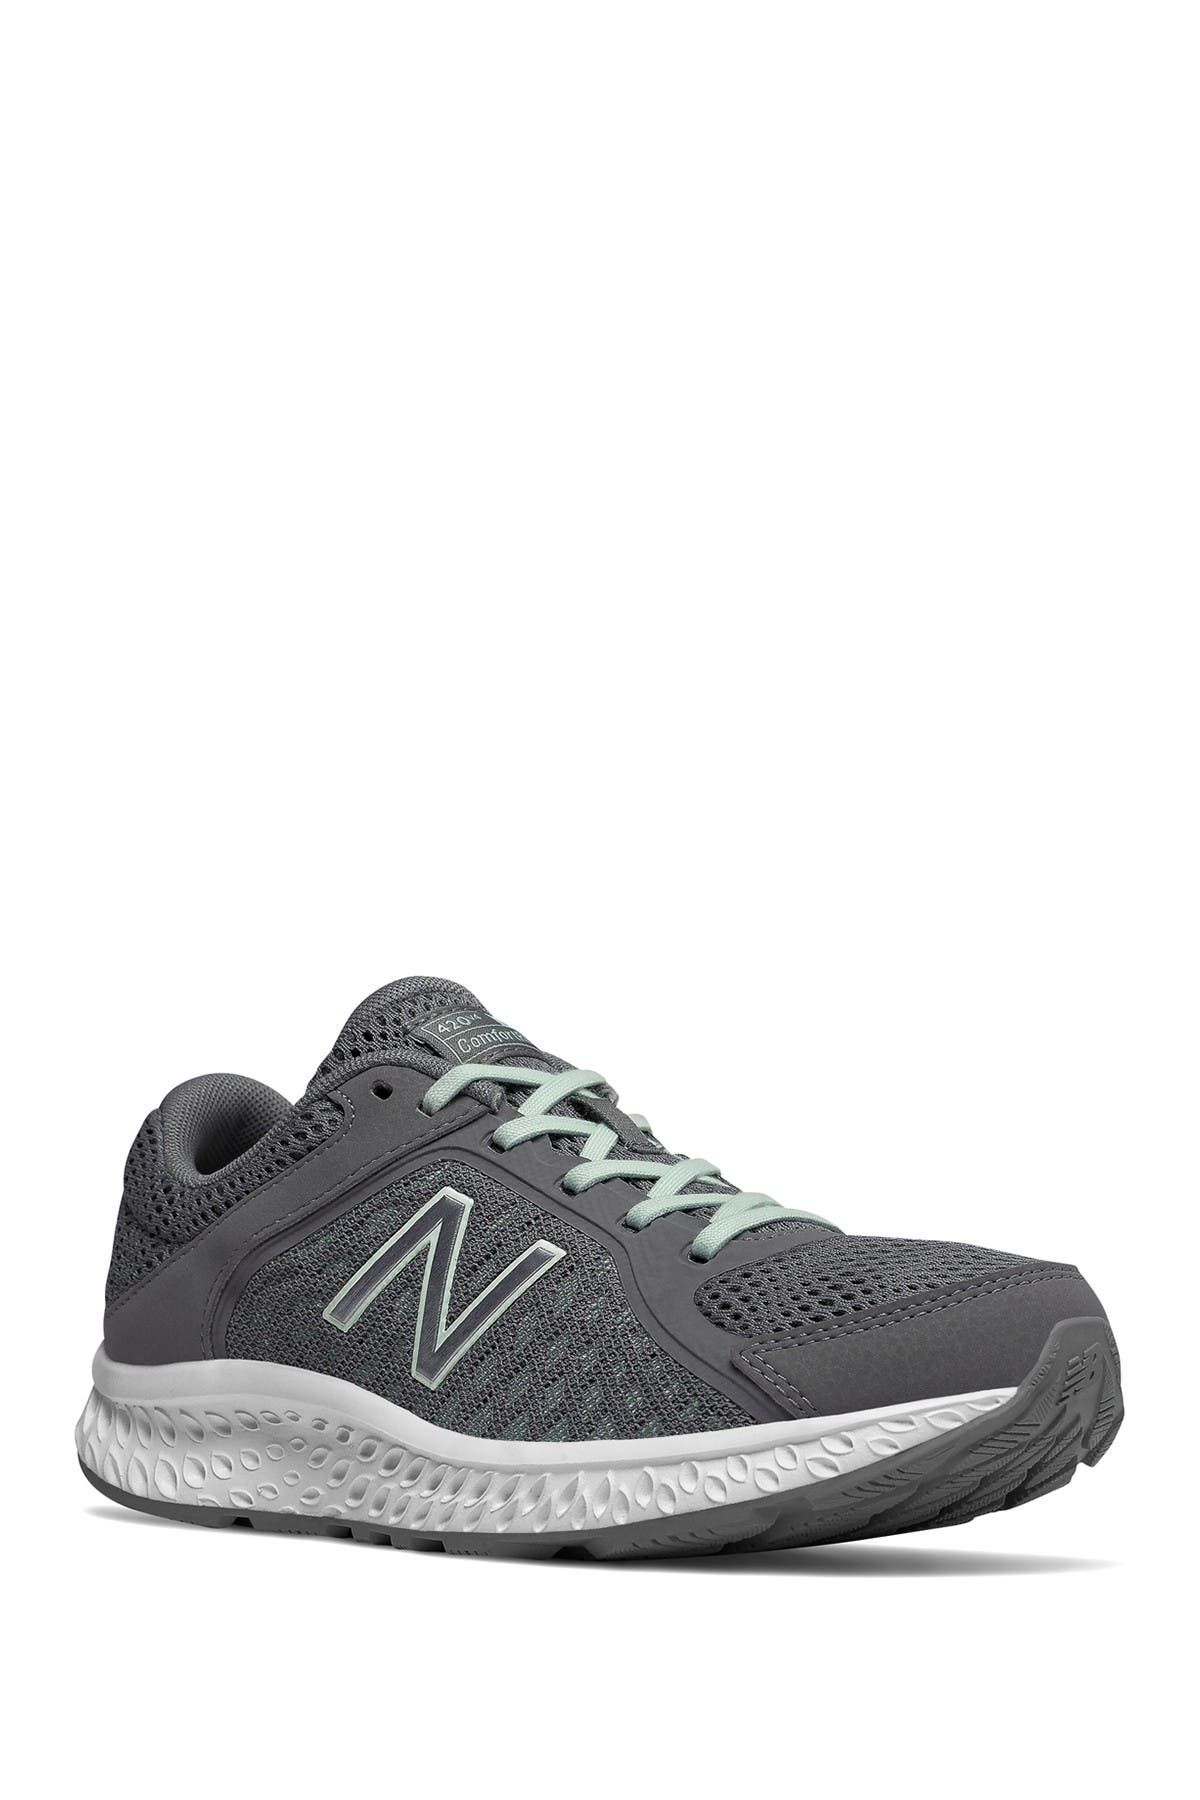 New Balance   420v4 Cushioning Running